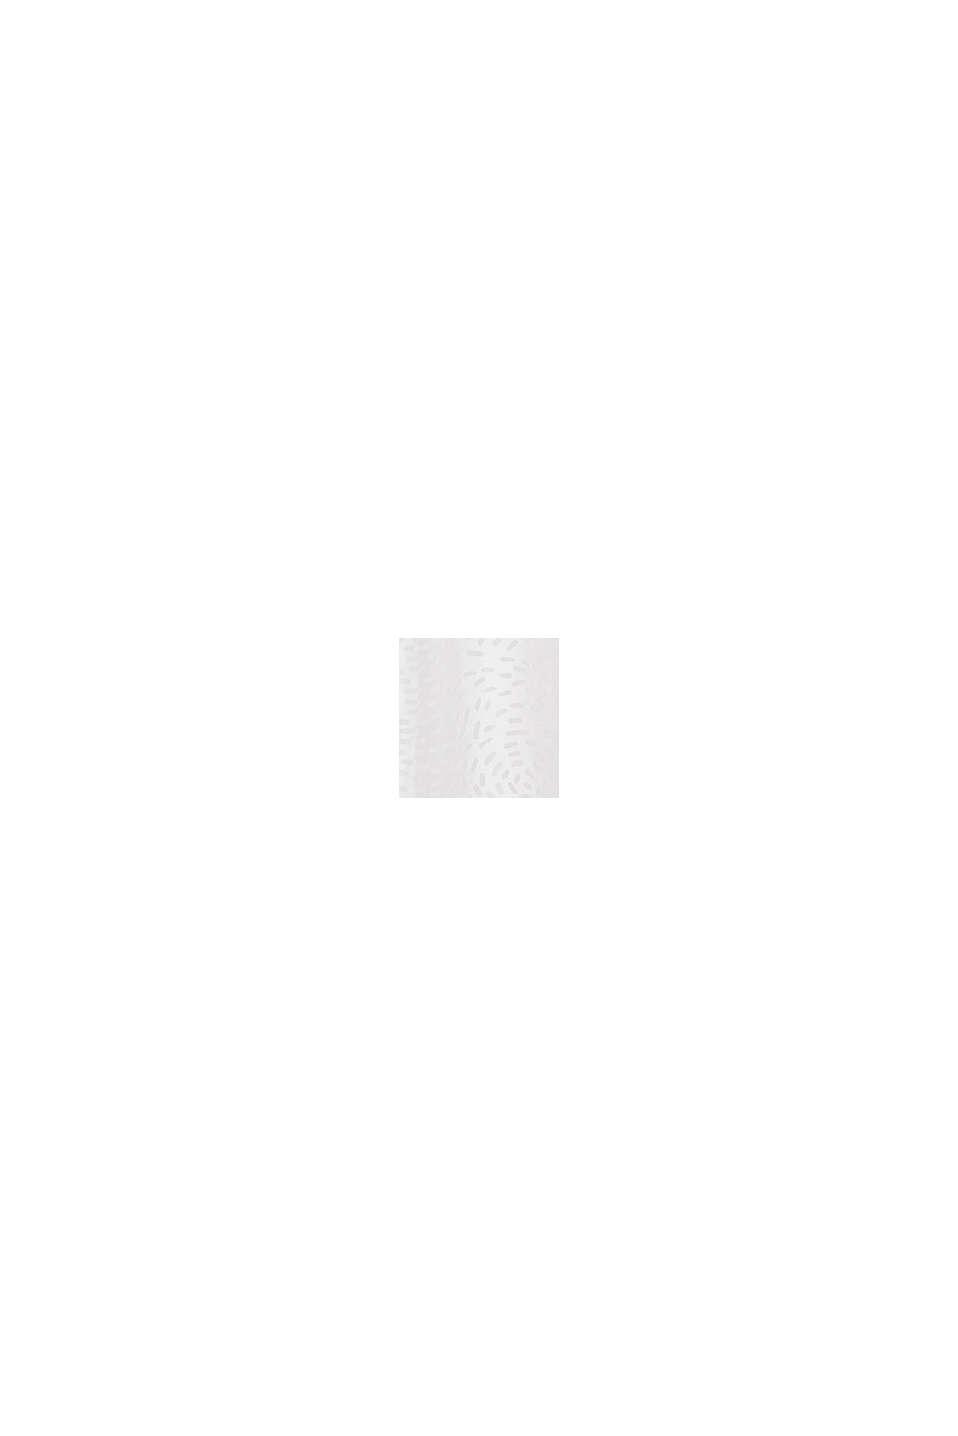 Öljettgardin med ausbrenner-mönster, OFF WHITE, swatch